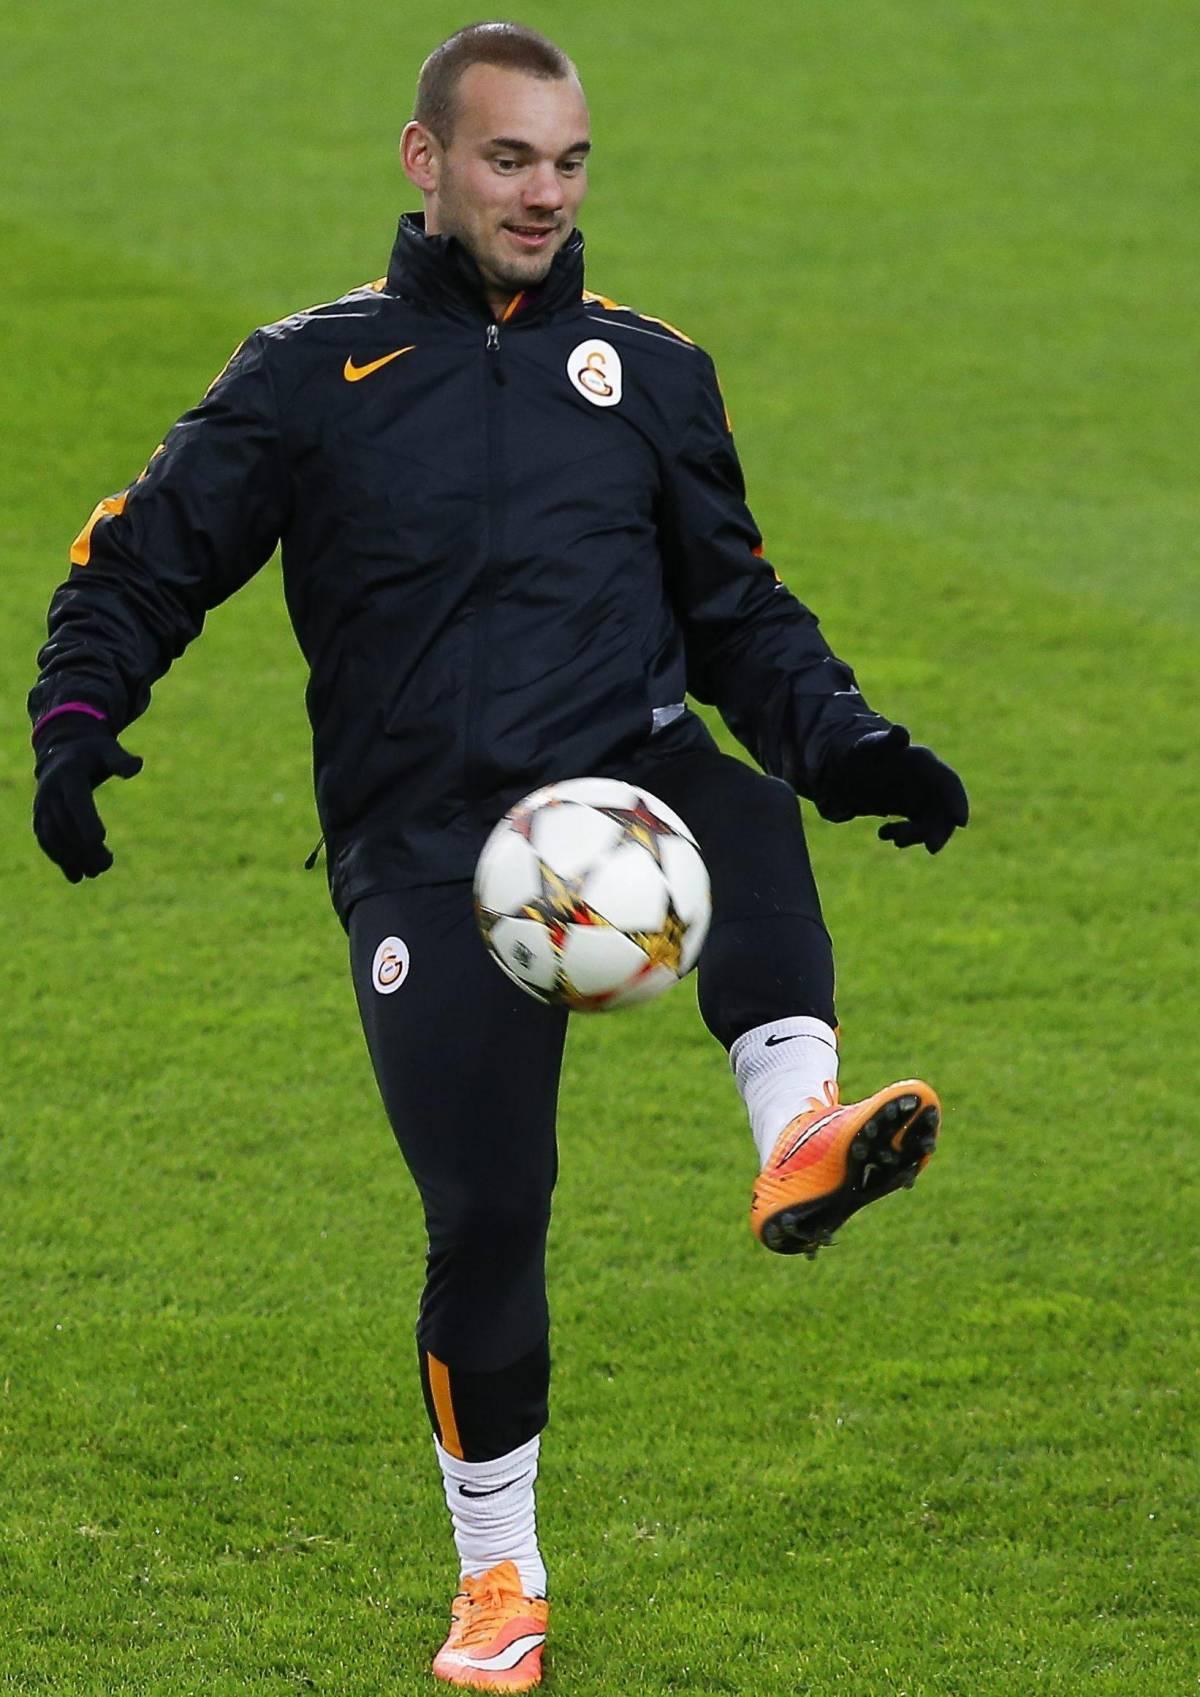 E Mou rivuole Sneijder per tornare «special»